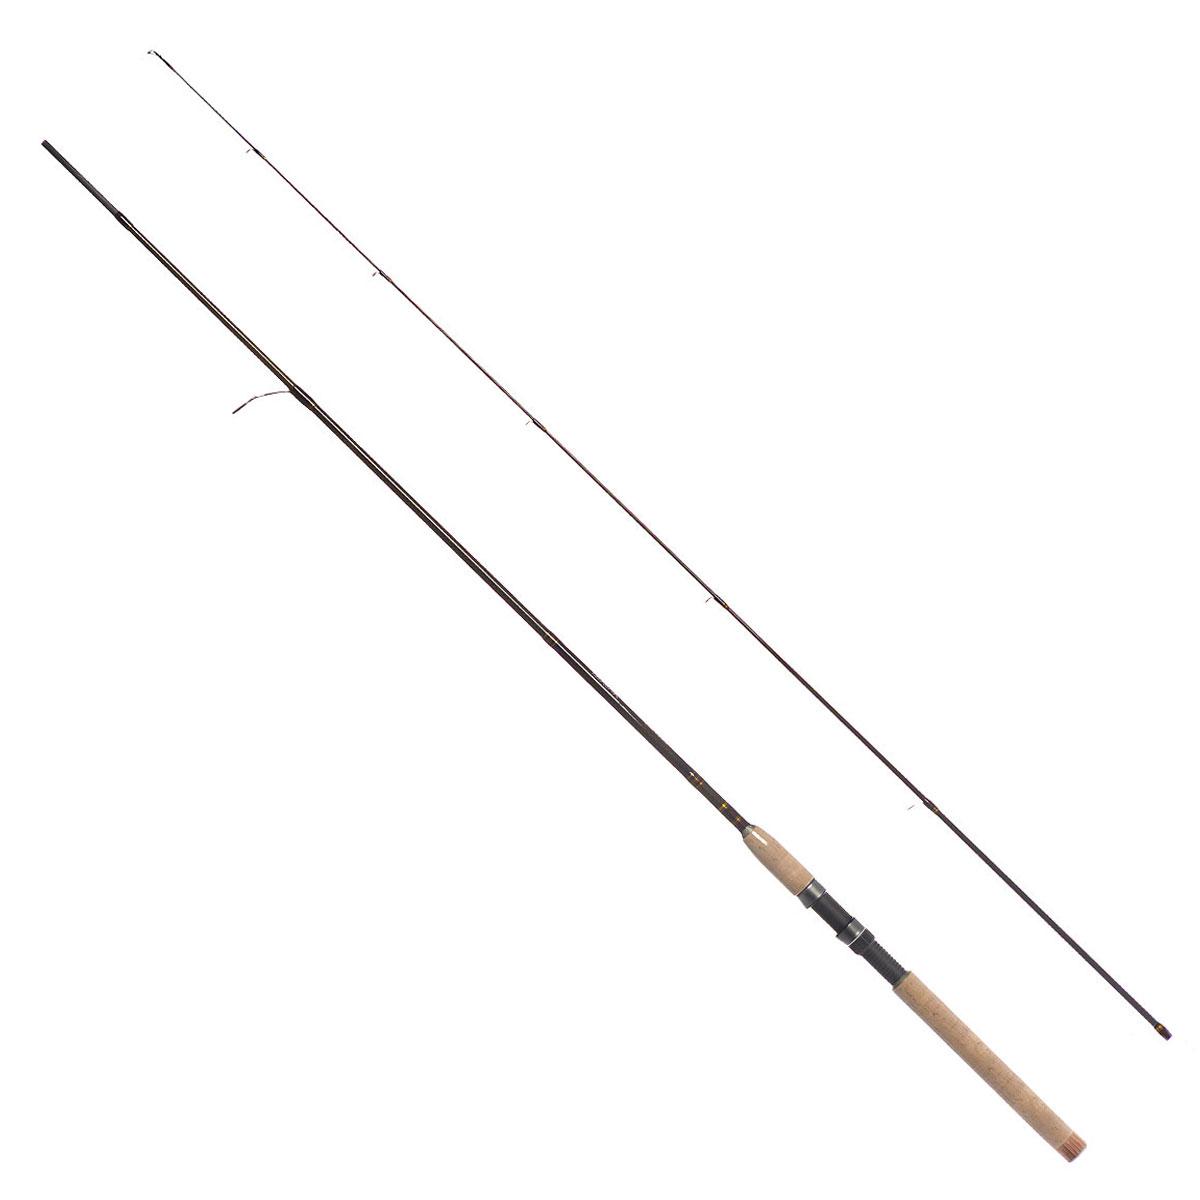 Удилище спиннинговое Daiwa New Exceler, штекерное, цвет: темно-коричневый, 2,1 м, 10-20 г удилище daiwa exceler ru 902mhfs 2 74m